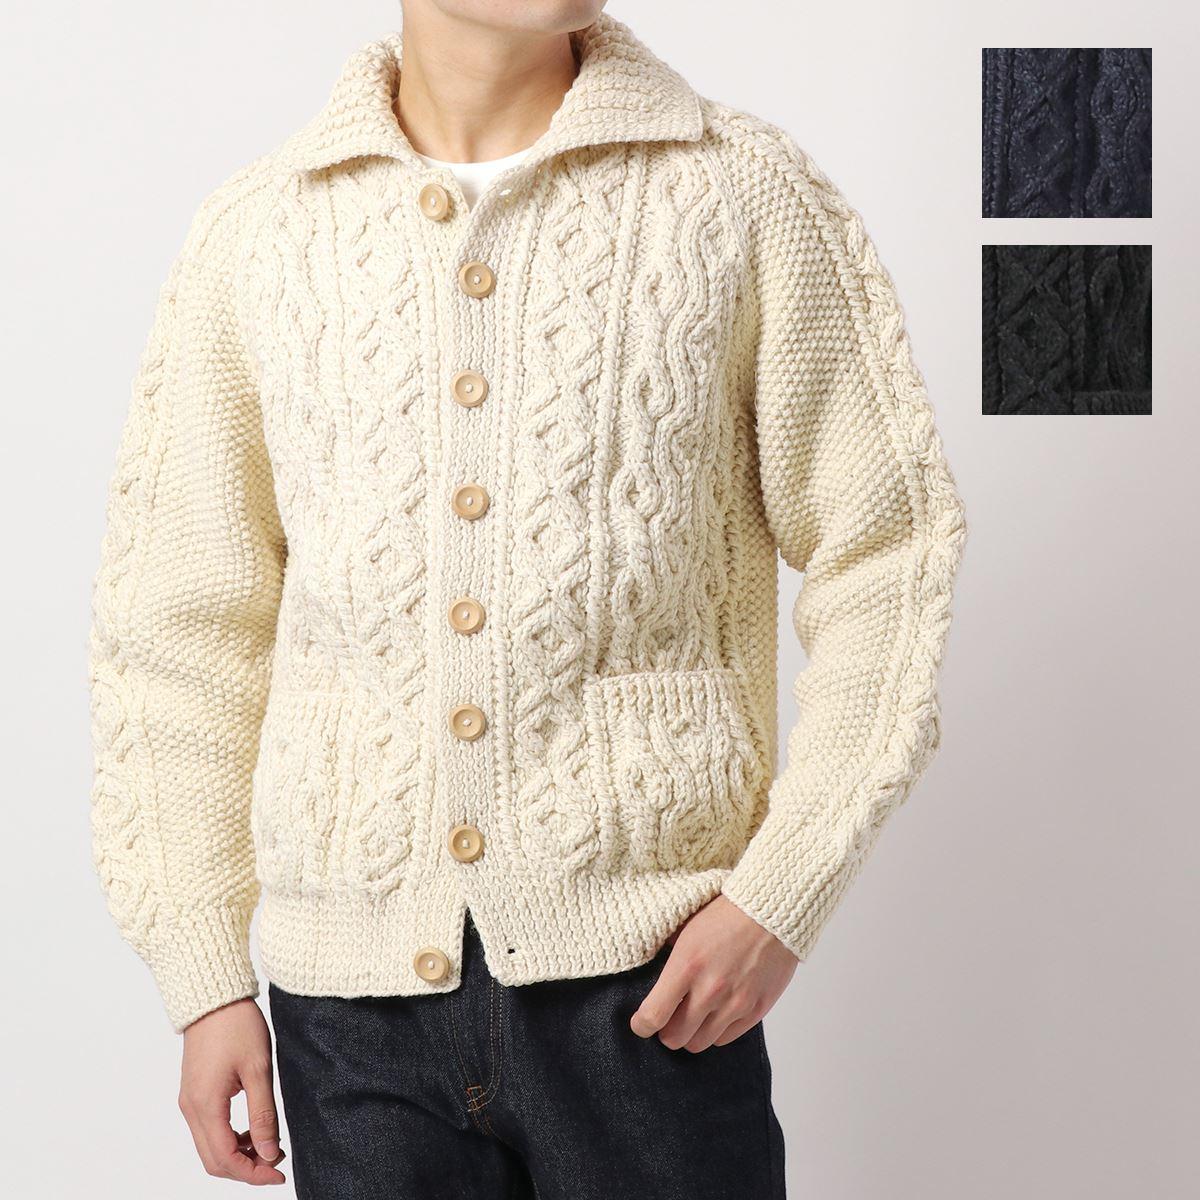 INVERALLAN 買物 値引き インバーアラン 3A 長袖 ニット 2色 メンズ セーター カーディガン